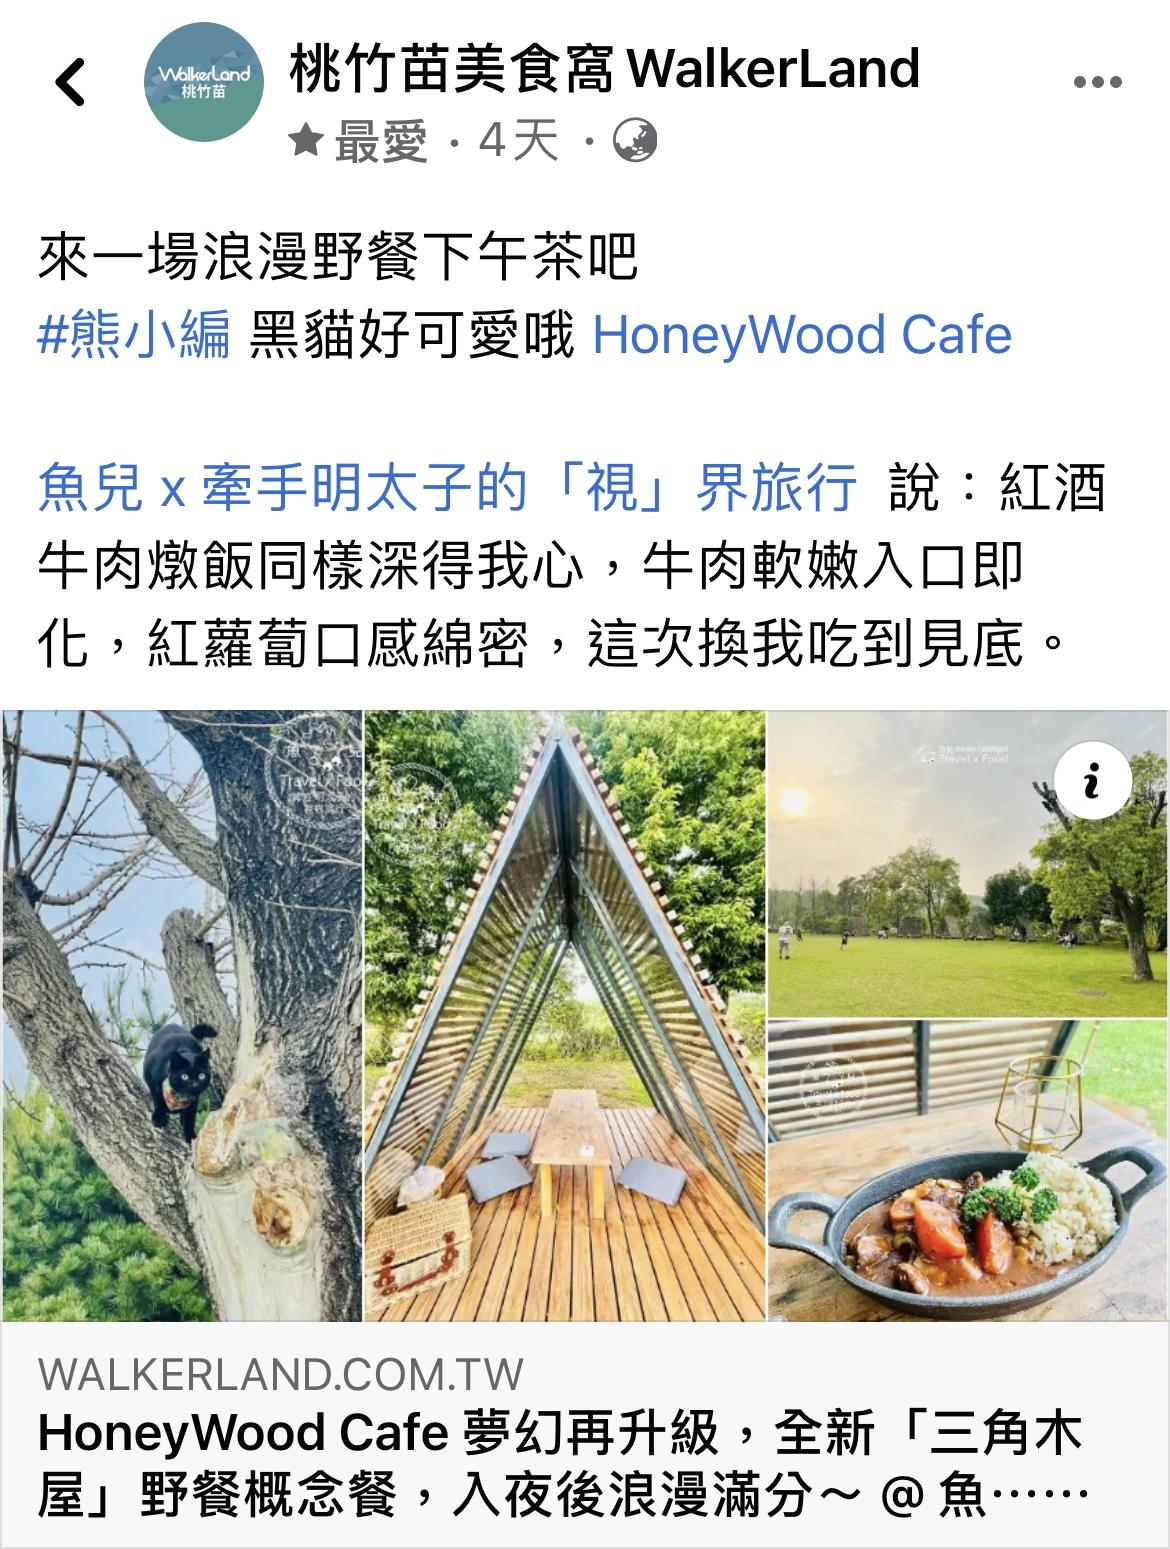 HoneyWood Cafe 夢幻再升級,全新「三角木屋」野餐概念餐,入夜後浪漫滿分~ @魚兒 x 牽手明太子的「視」界旅行